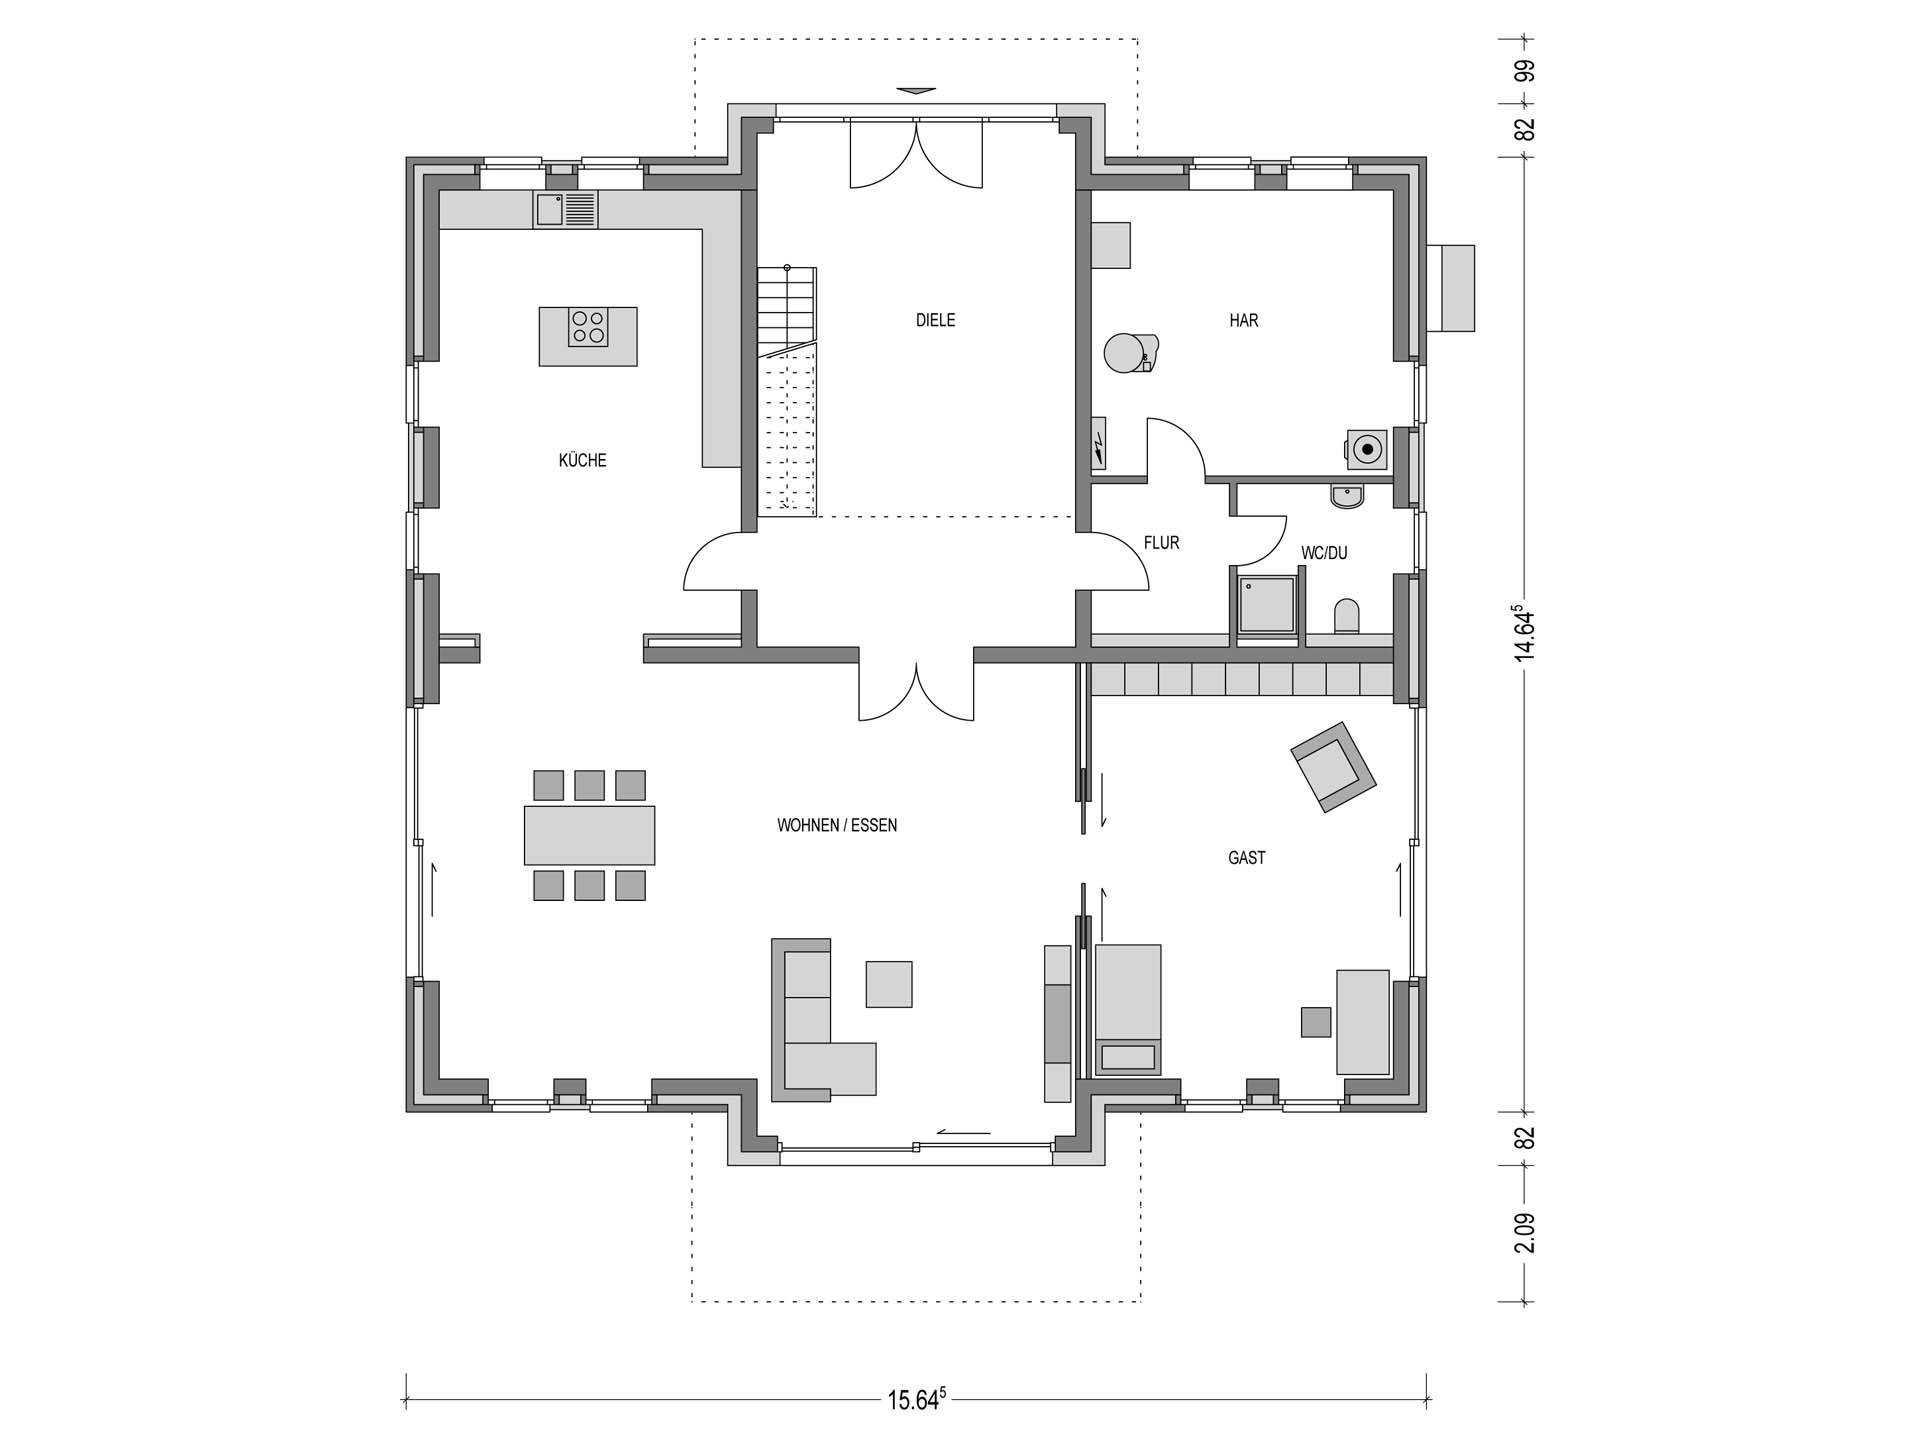 villa bauen hausbeispiele mit preisen und grundrissen. Black Bedroom Furniture Sets. Home Design Ideas